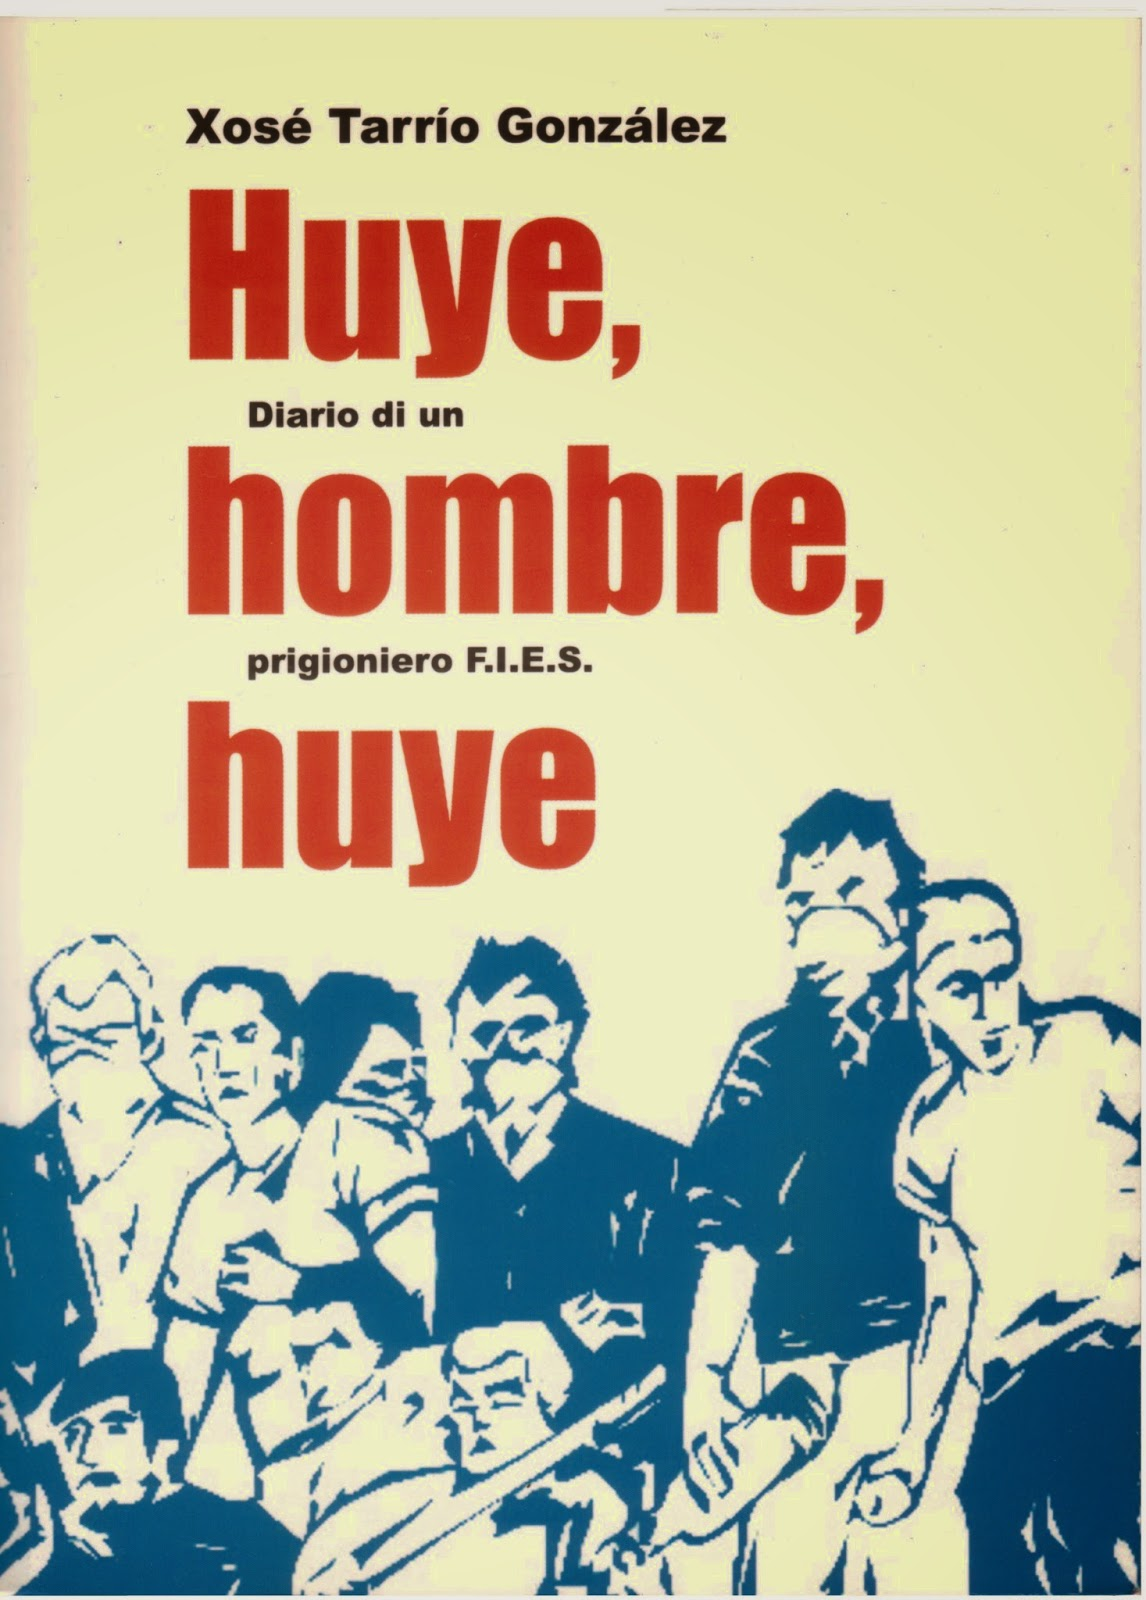 Diario de un prisionero F.I.E.S. Xosé Tarrío González [Pdf]